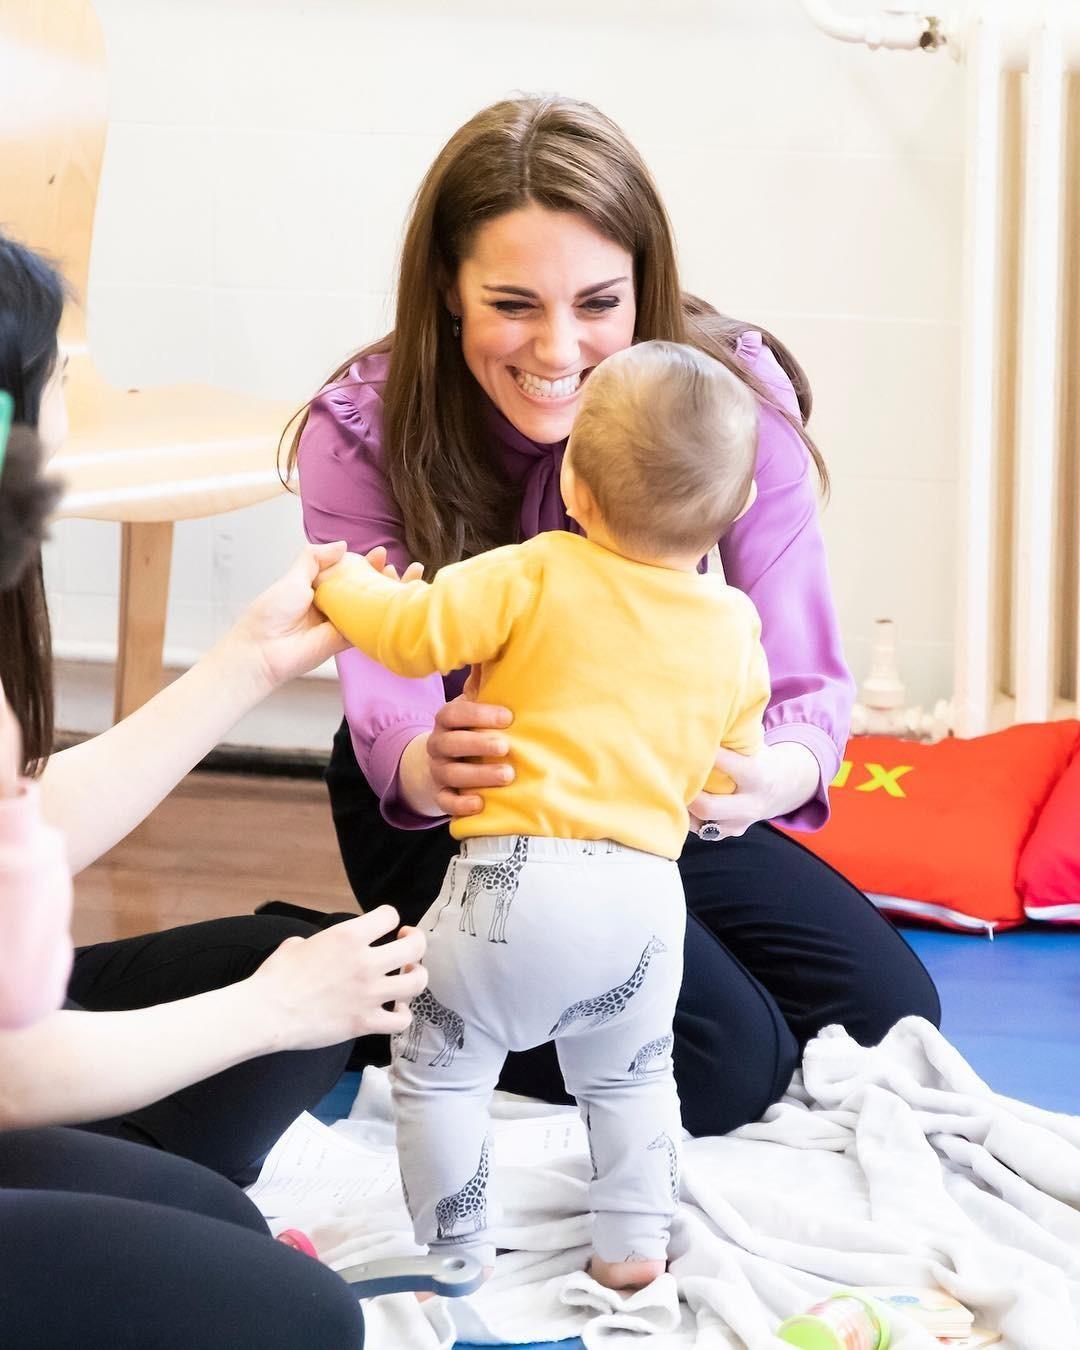 Кейт Миддлтон и принц Уильям опубликовали фото младшего сына в его первый день рождения